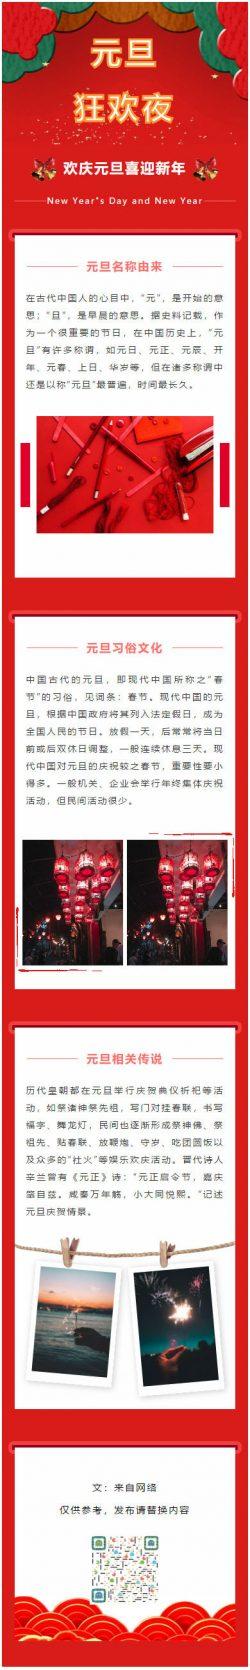 元旦新年快乐红色中国风格微信公众号模板推送图文素材